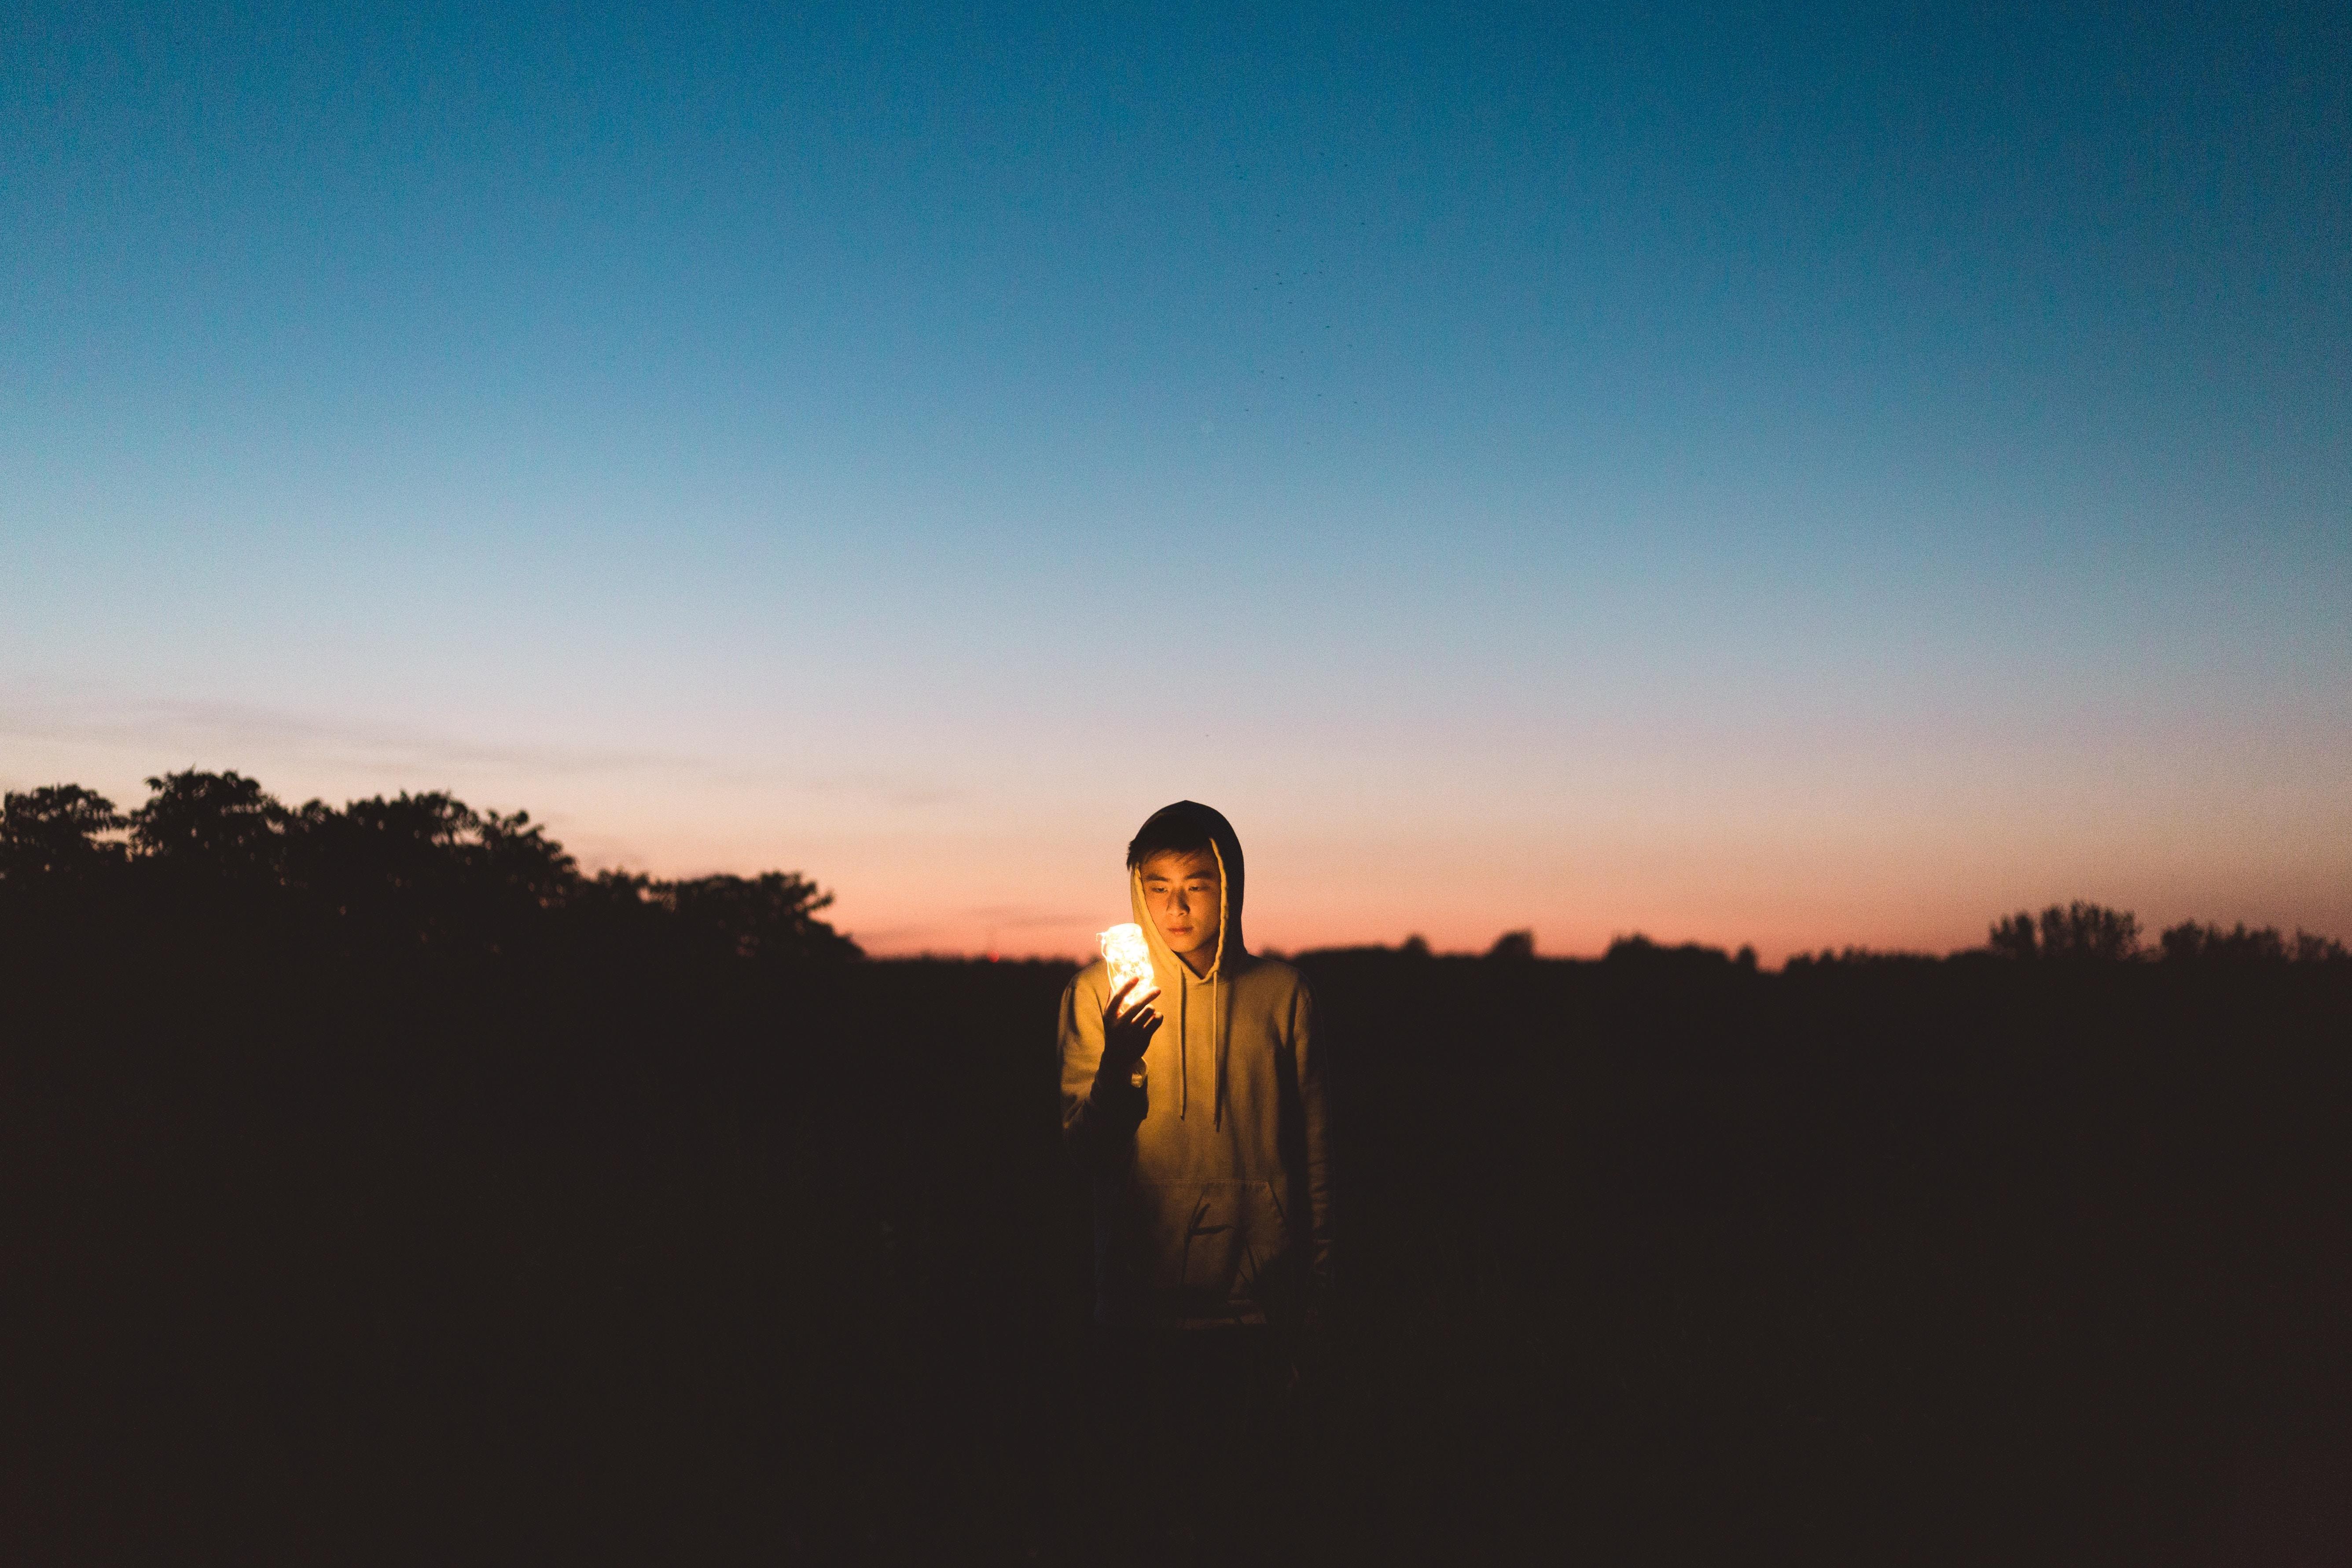 Fotoğraf Adam Peyzaj Ağaç çimen Ufuk Siluet ışık Bulut